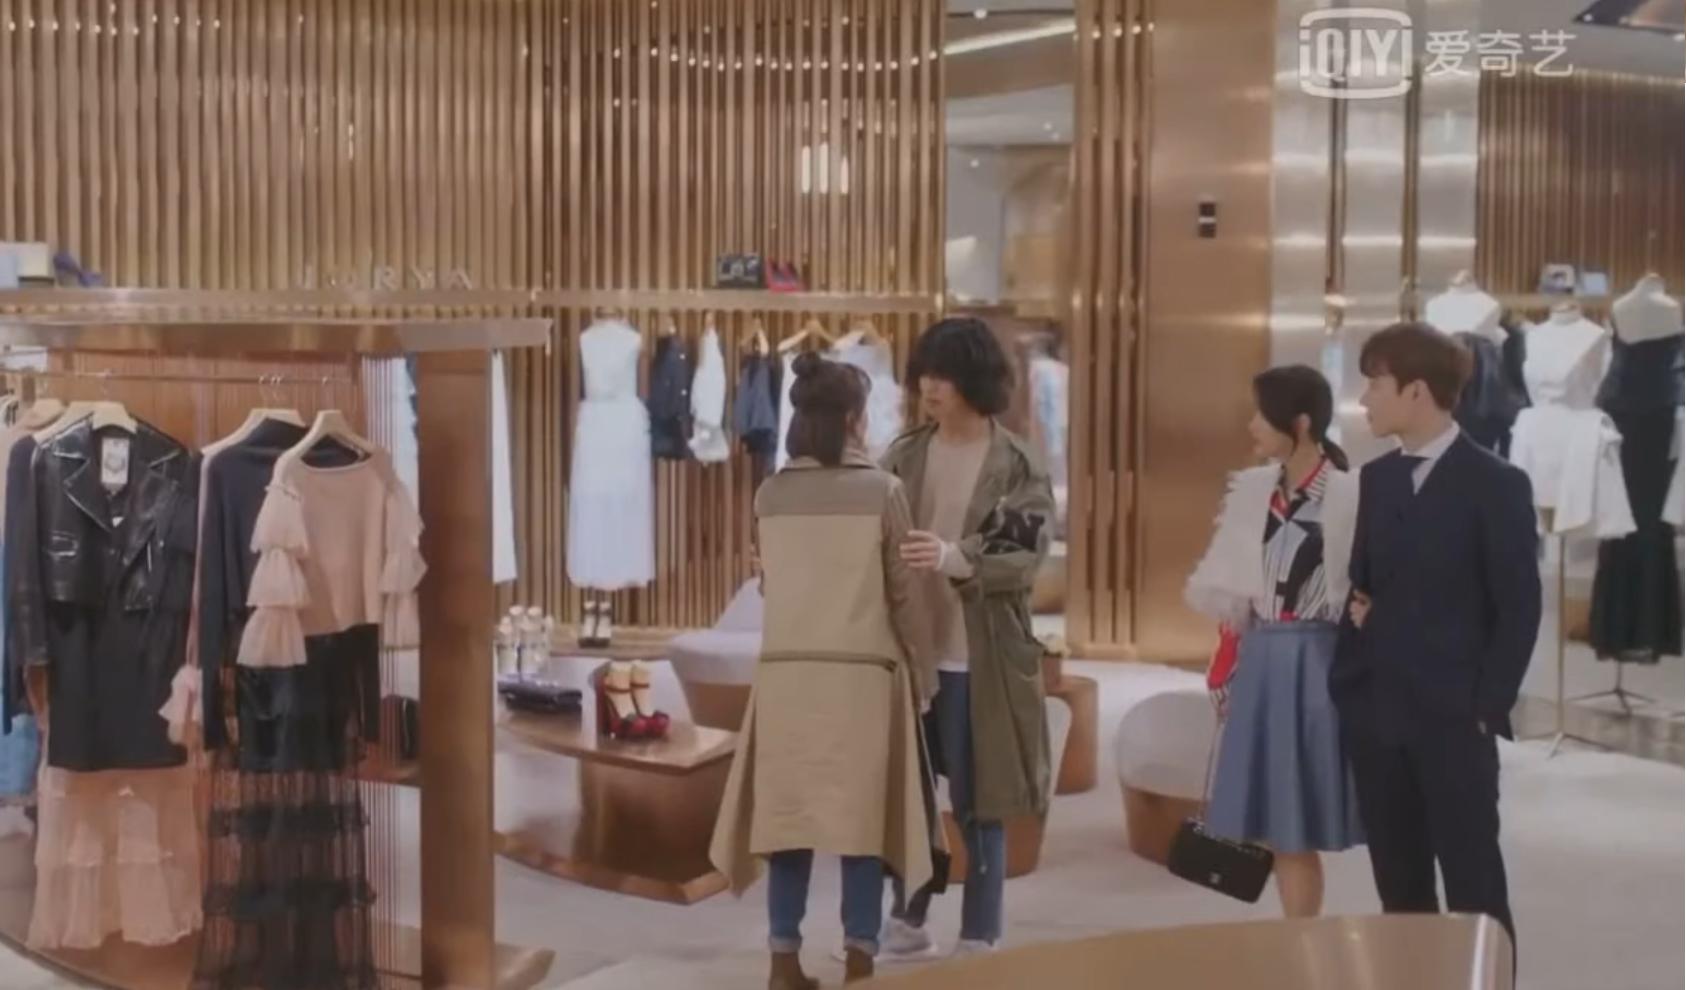 'Chàng trai Mặc Cách Ly của tôi' tung trailer hài hước, Dương Tử - Mã Thiên Vũ đẹp đôi 6